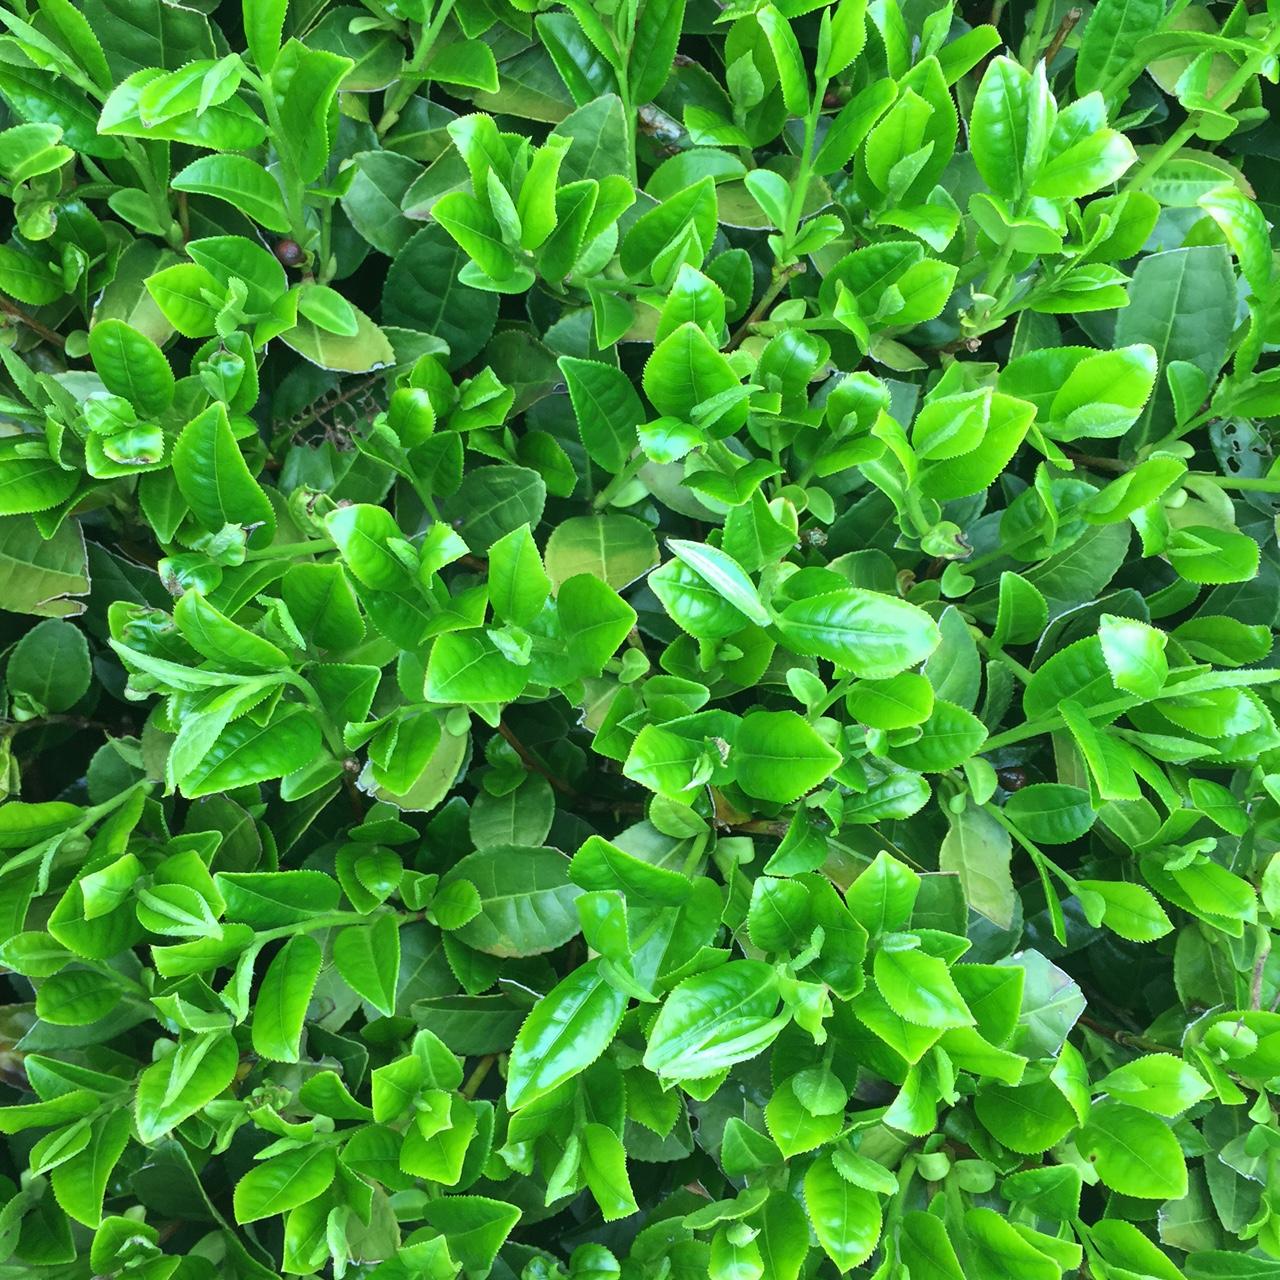 2017年4月16日かごしま緑茶の茶園風景です。品種はゆたかみどりです。黒い覆いの下には新芽が活き活き伸びてます。